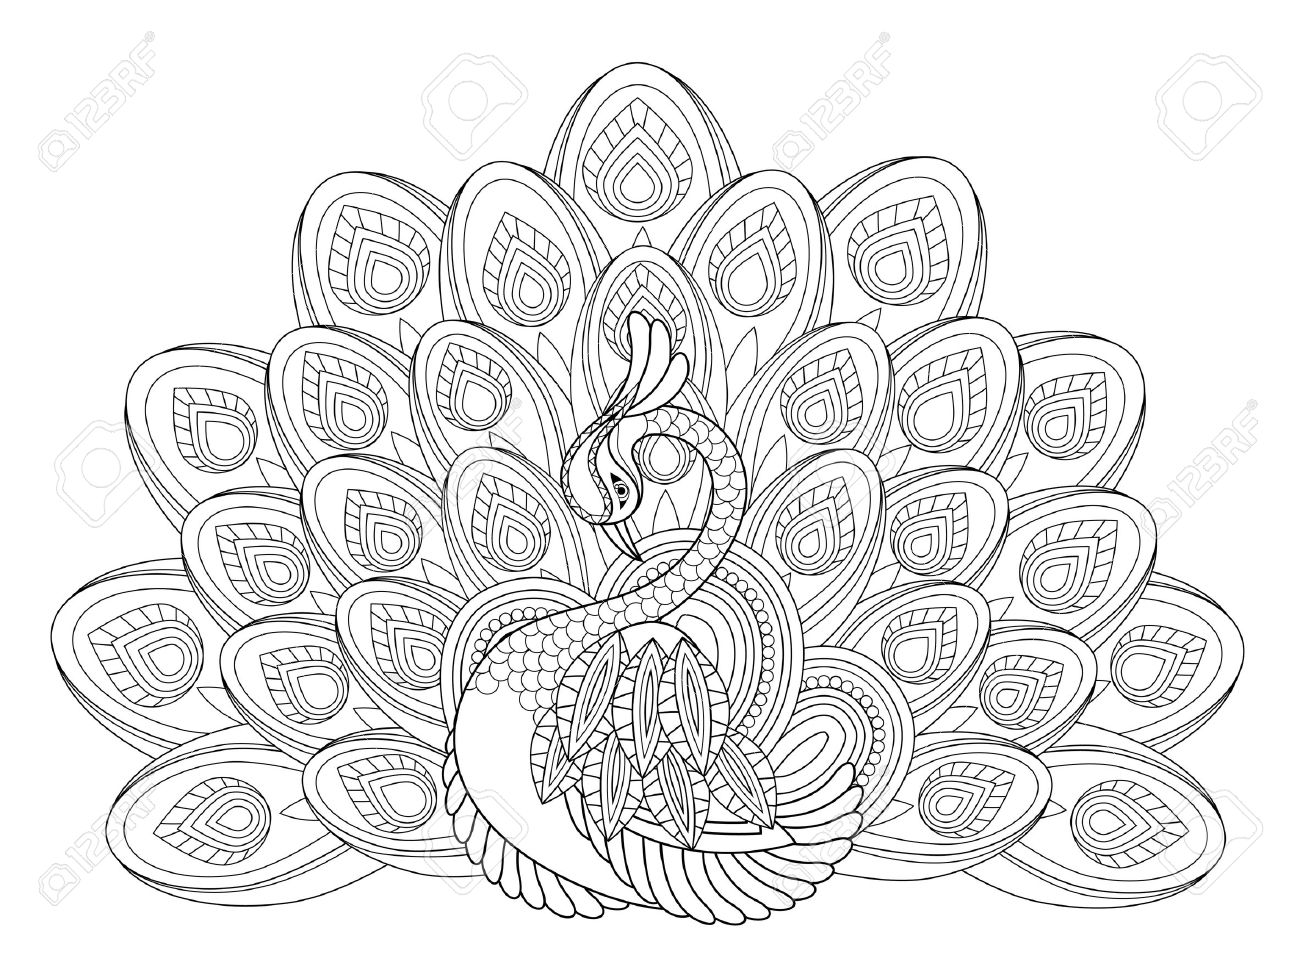 Lgante Coloriage Paon Dans Un Style Exquis Clip Art Libres De Droits Vecteurs Et Illustration Image 45962509